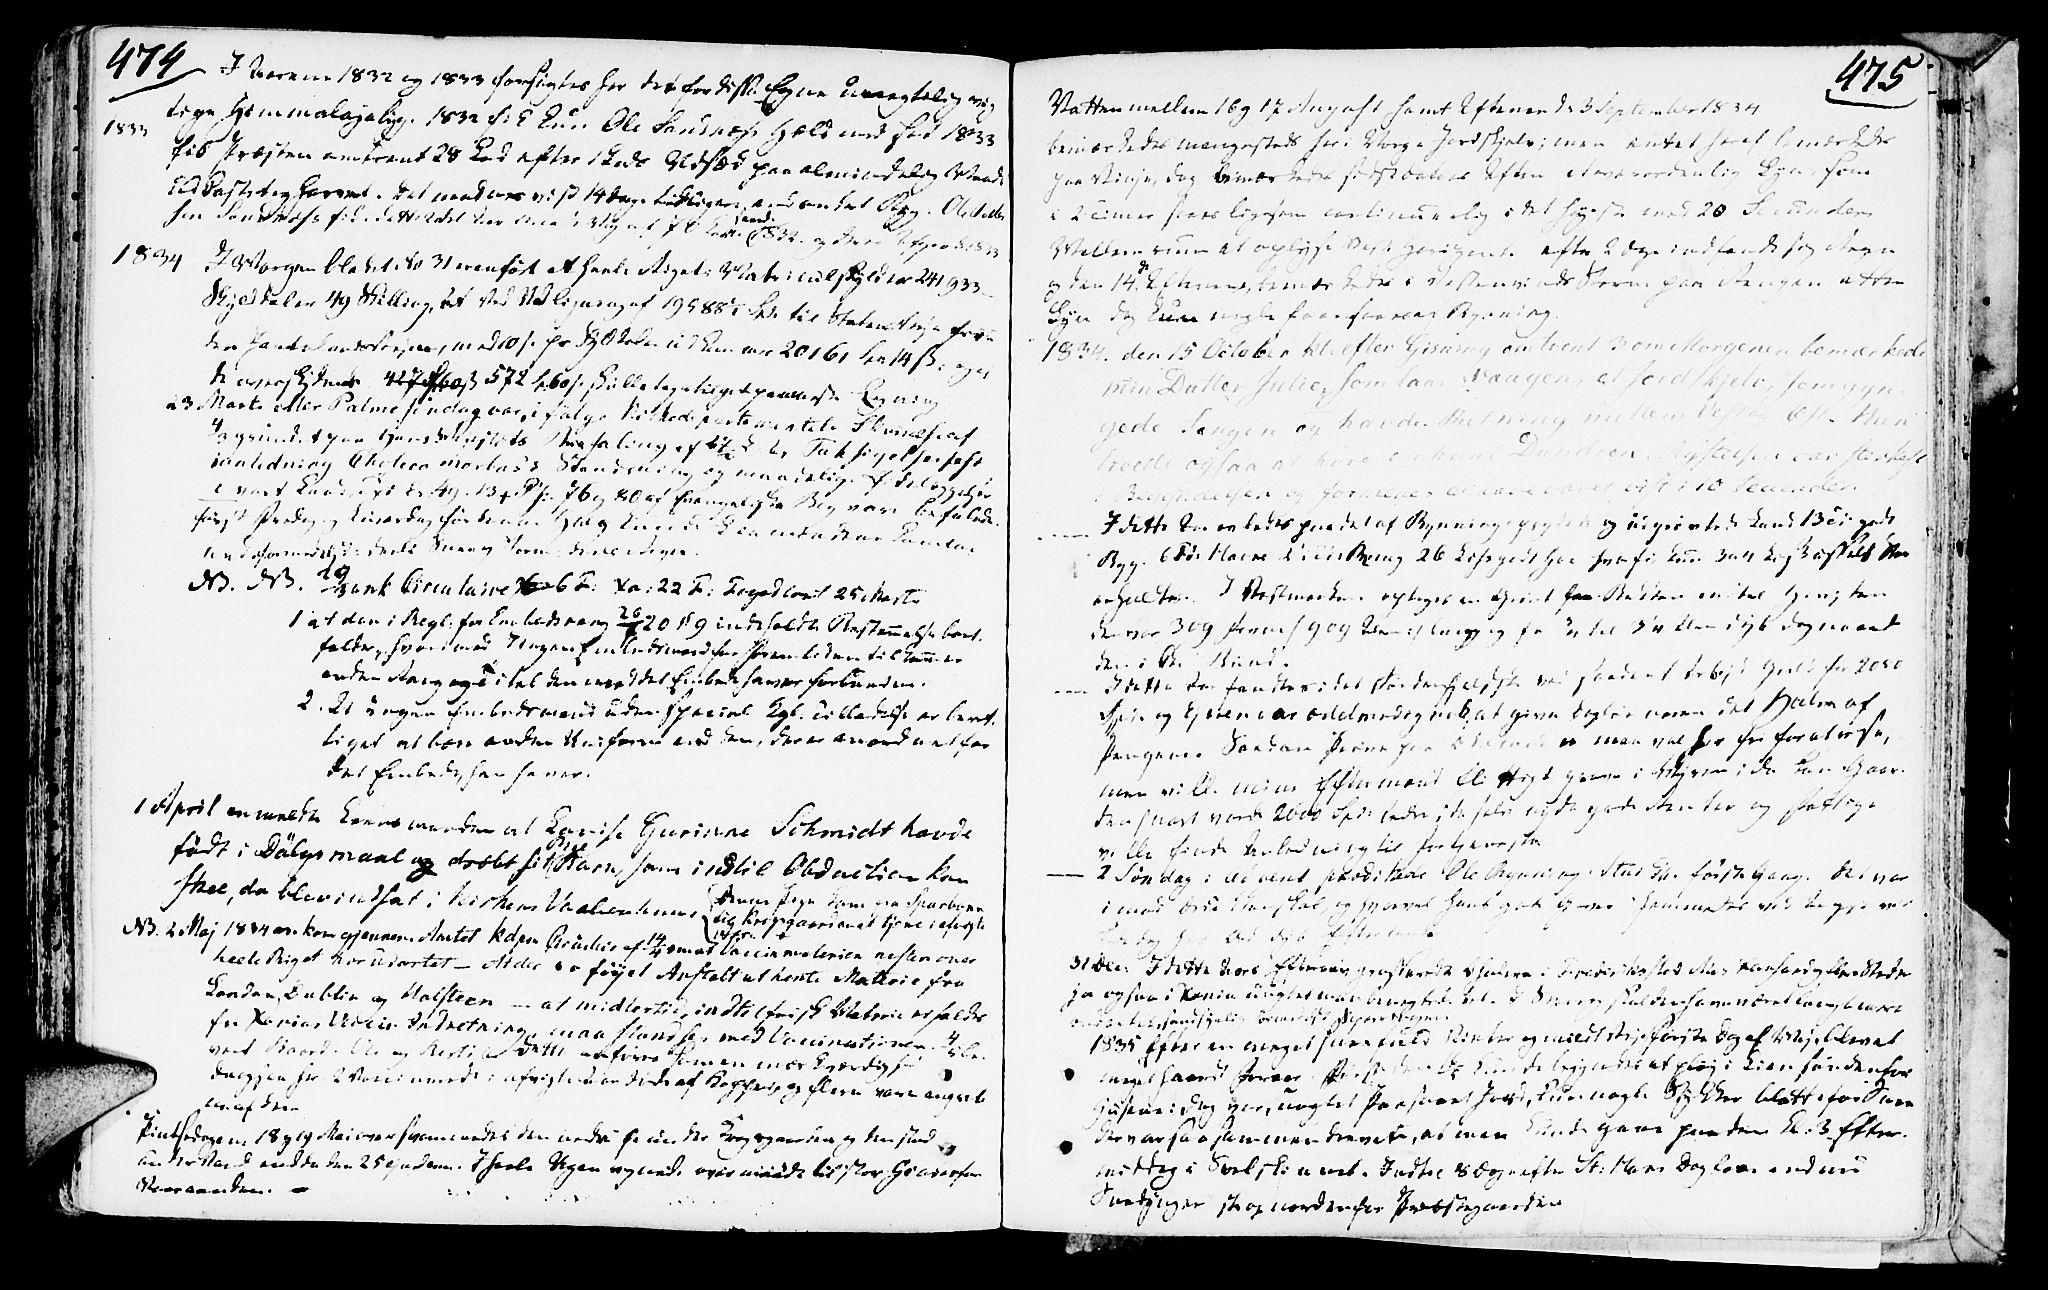 SAT, Ministerialprotokoller, klokkerbøker og fødselsregistre - Nord-Trøndelag, 749/L0468: Ministerialbok nr. 749A02, 1787-1817, s. 474-475